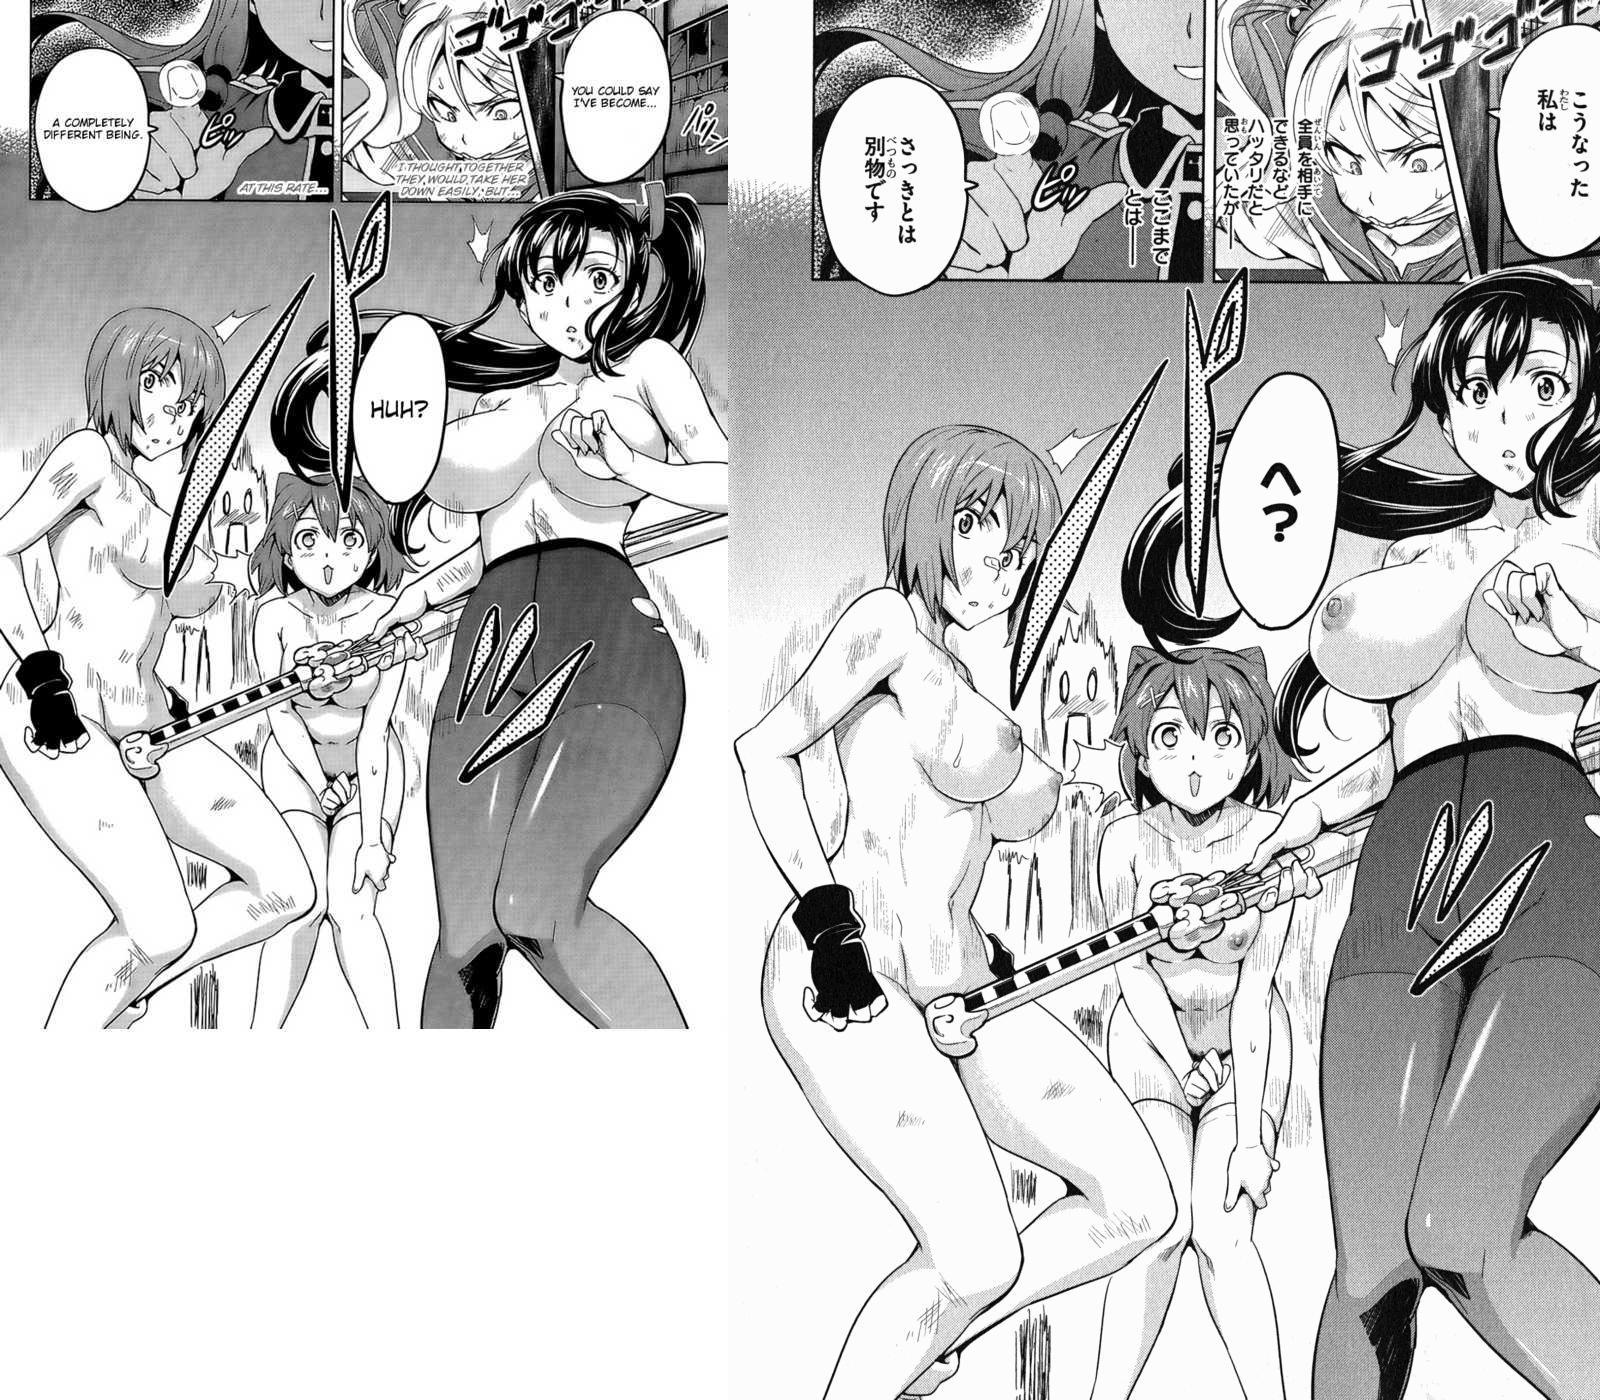 Maken-ki! uncensored